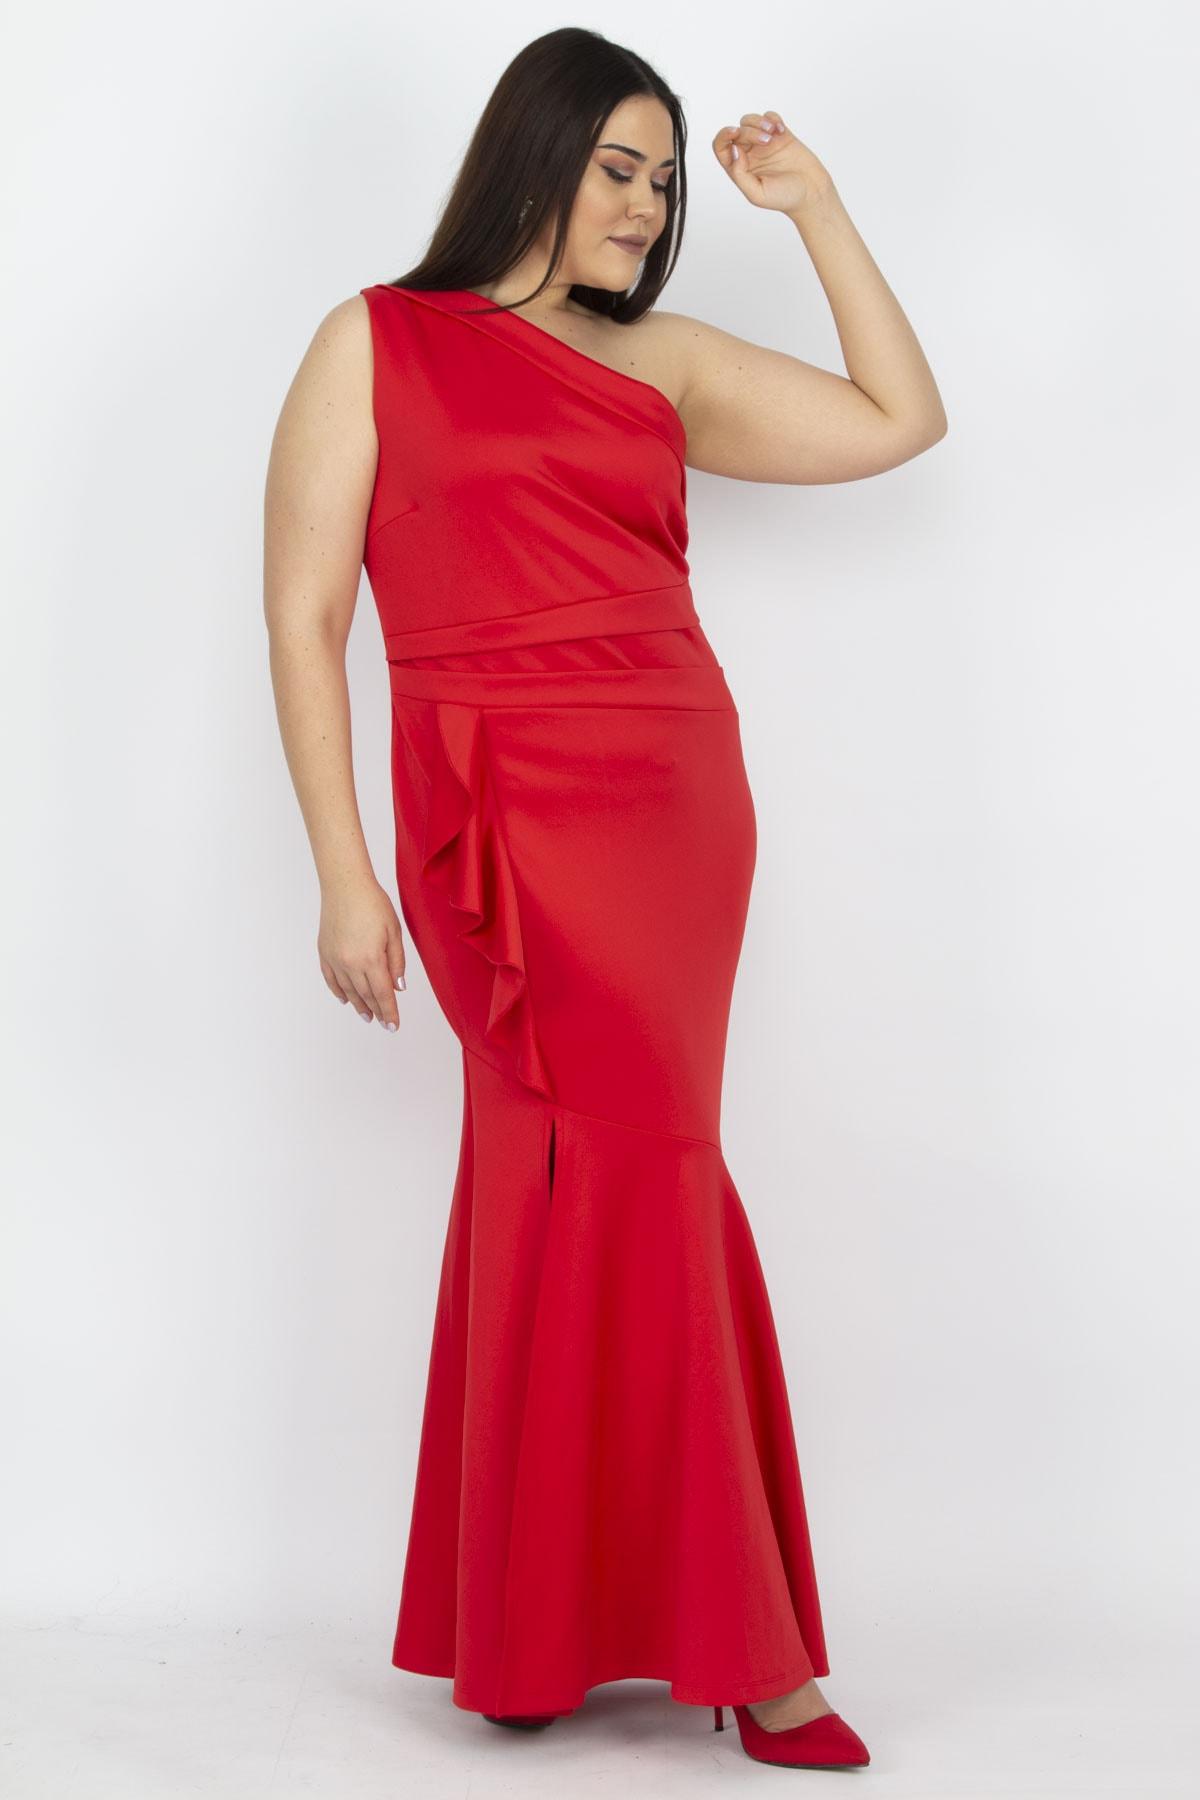 Şans Kadın Tek Omuz Yırtmaçlı Abiye Elbise 26A13977Kırmızı